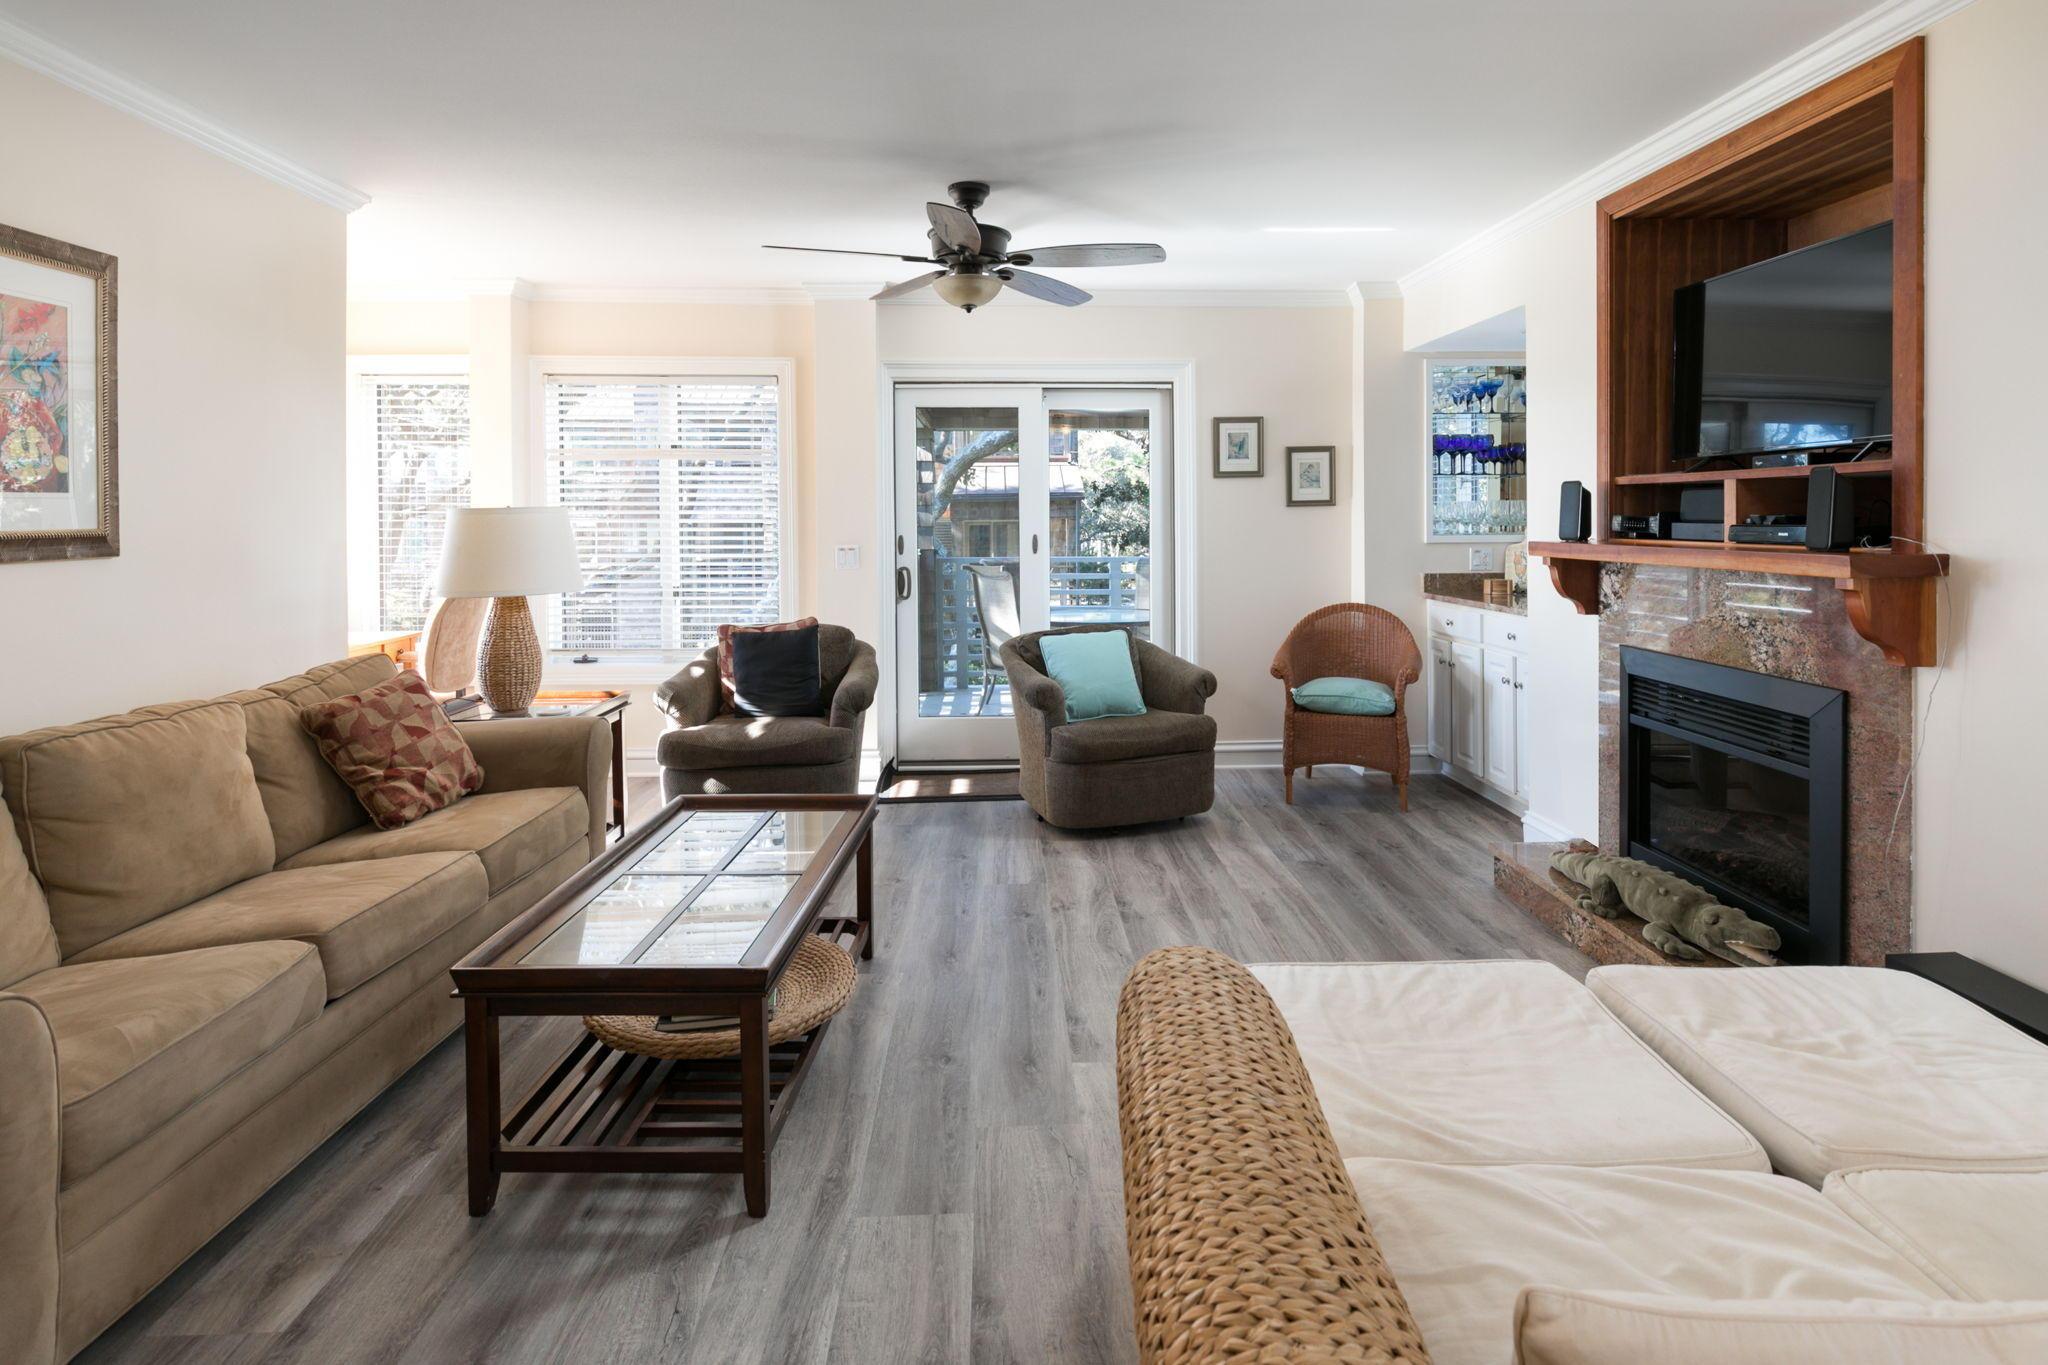 Kiawah Island Homes For Sale - 4416 Sea Forest, Kiawah Island, SC - 33